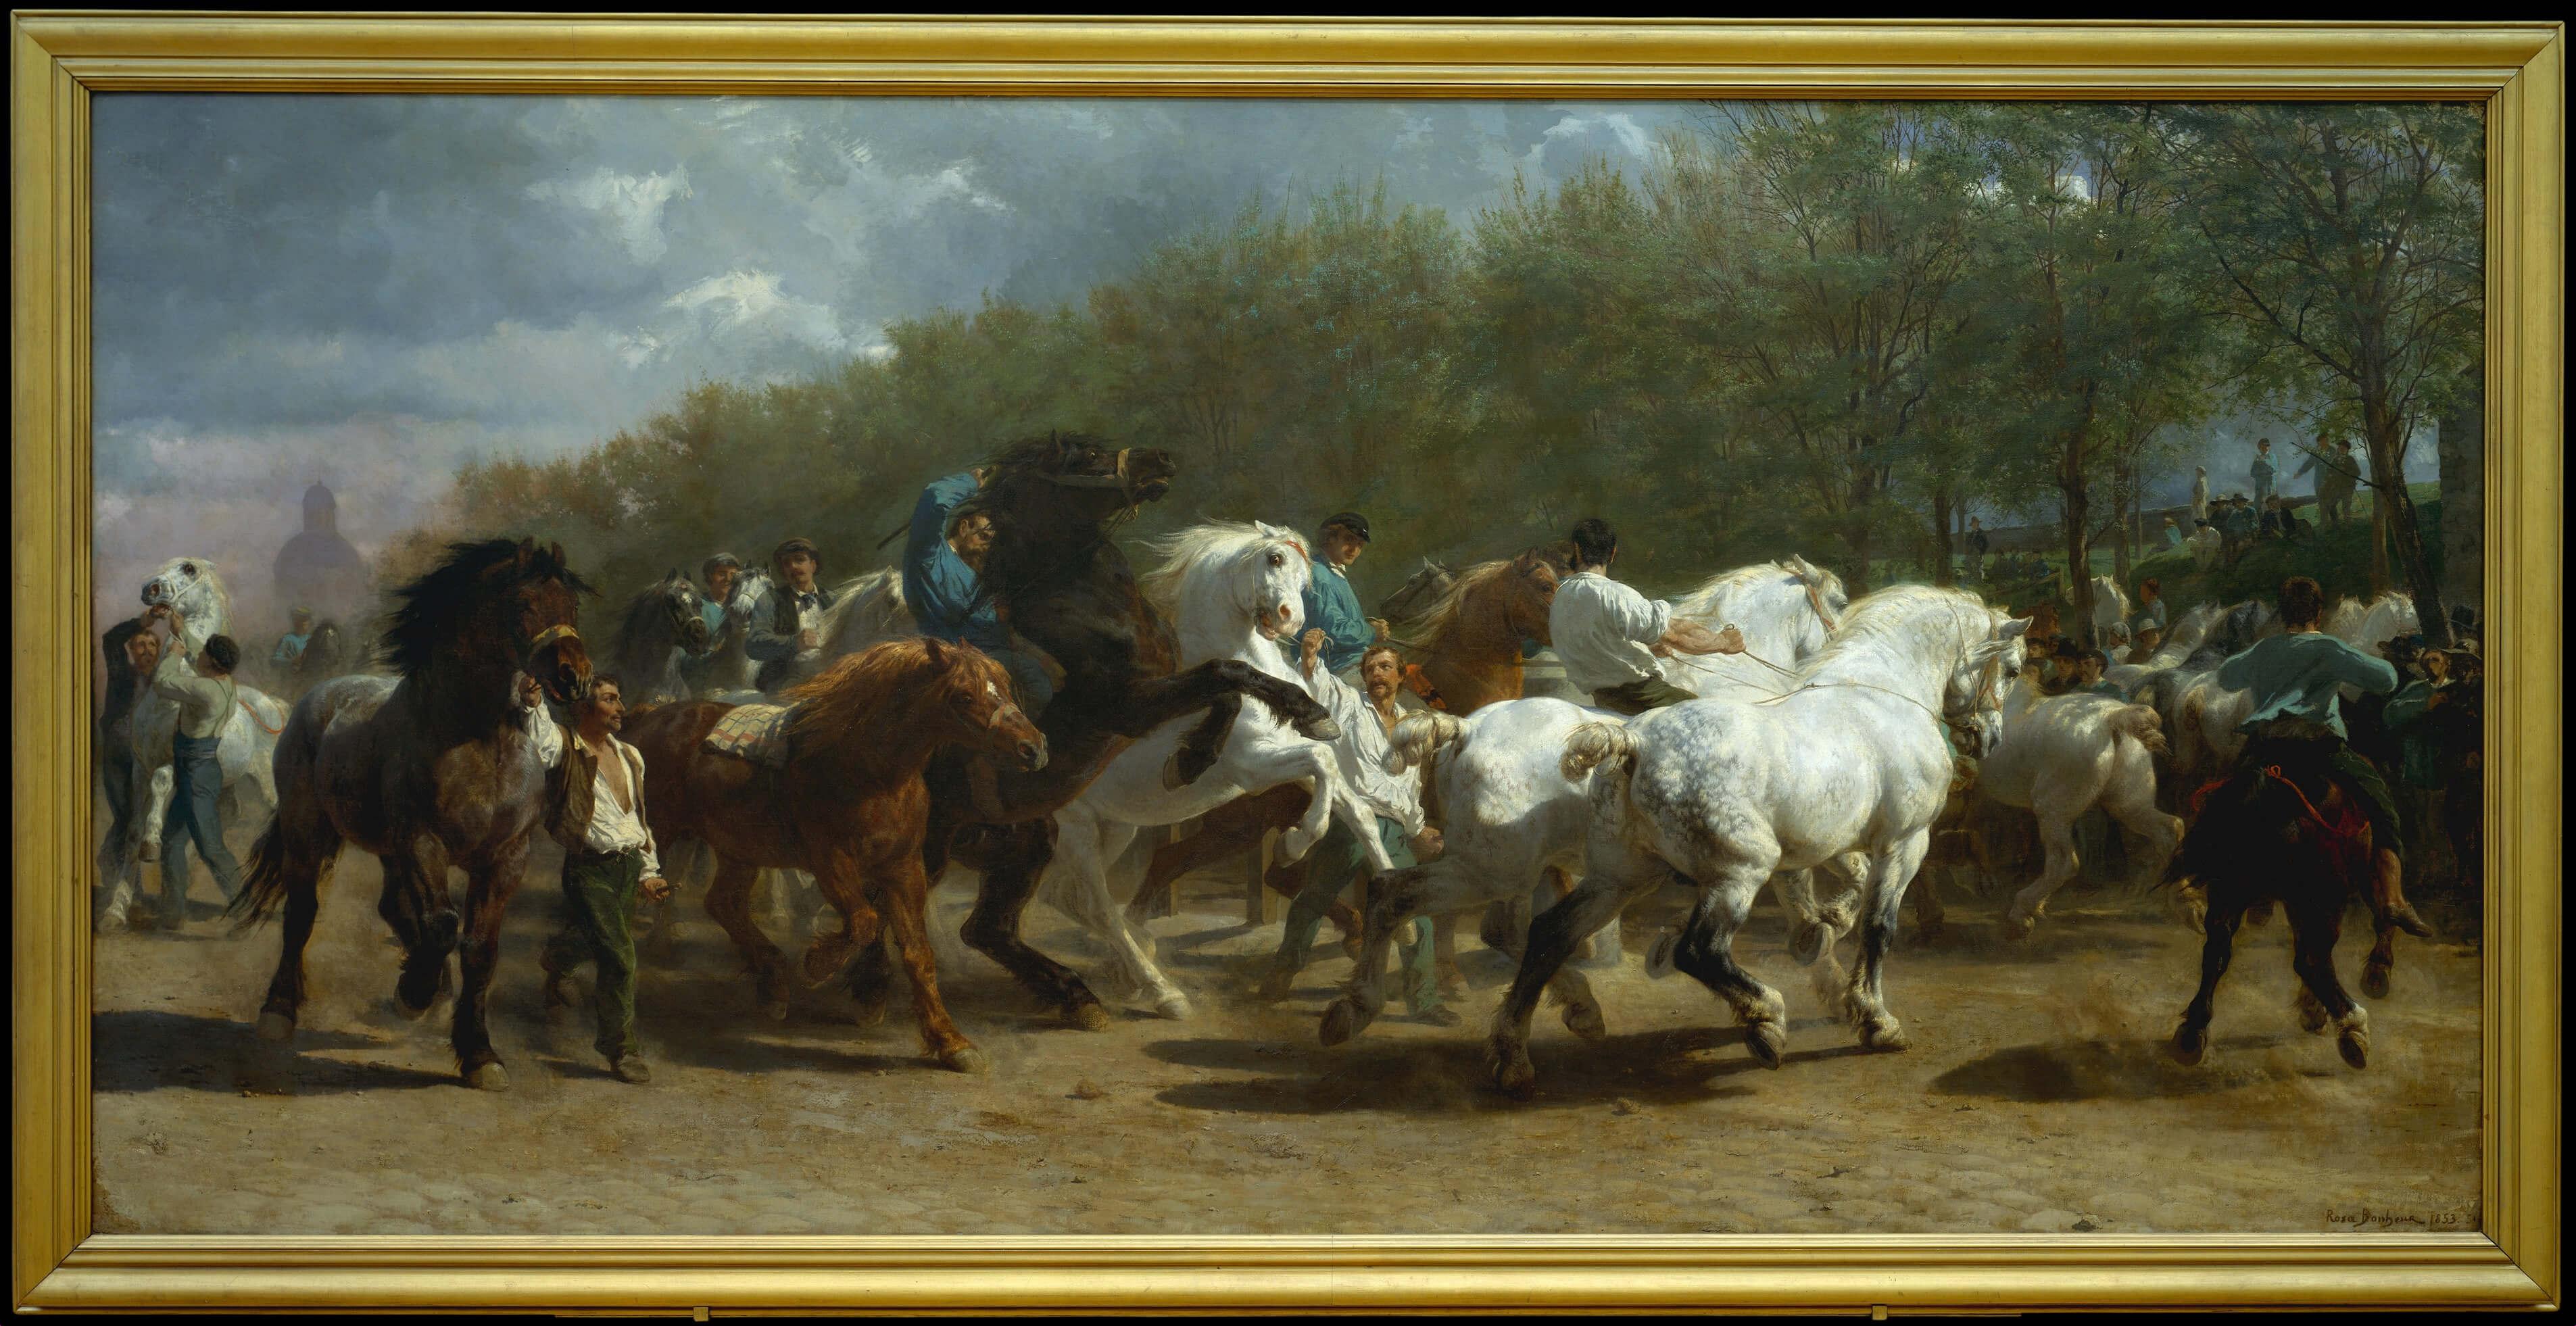 Rosa Bonheur, The Horse Fair